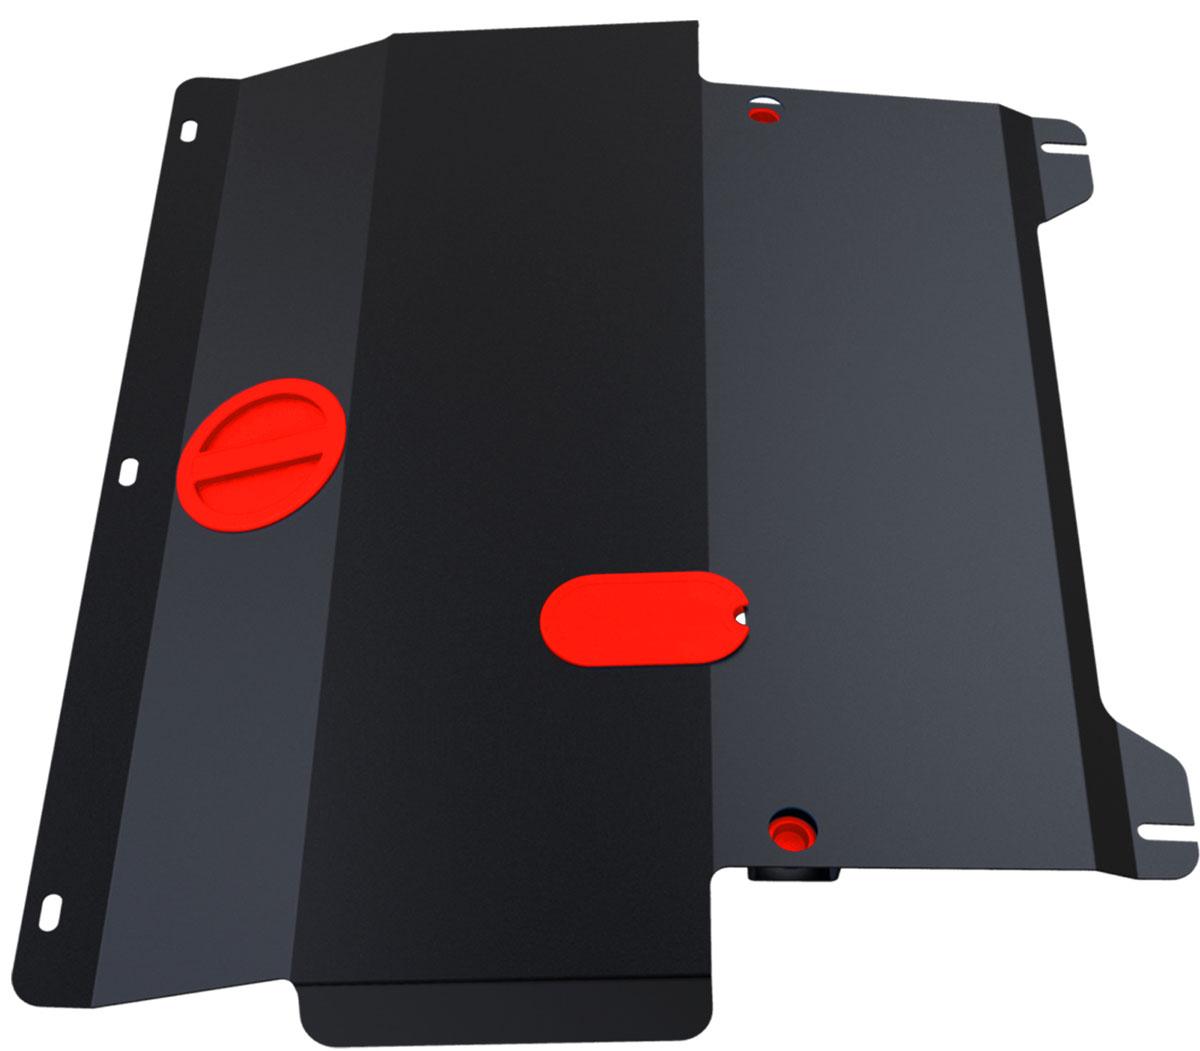 Защита картера и КПП Автоброня, для Ford Fiesta. 111.01805.2111.01805.2Технологически совершенный продукт за невысокую стоимость. Защита разработана с учетом особенностей днища автомобиля, что позволяет сохранить дорожный просвет с минимальным изменением. Защита устанавливается в штатные места кузова автомобиля. Глубокий штамп обеспечивает до двух раз больше жесткости в сравнении с обычной защитой той же толщины. Проштампованные ребра жесткости препятствуют деформации защиты при ударах. Тепловой зазор и вентиляционные отверстия обеспечивают сохранение температурного режима двигателя в норме. Скрытый крепеж предотвращает срыв крепежных элементов при наезде на препятствие. Шумопоглощающие резиновые элементы обеспечивают комфортную езду без вибраций и скрежета металла, а съемные лючки для слива масла и замены фильтра - экономию средств и времени. Конструкция изделия не влияет на пассивную безопасность автомобиля (при ударе защита не воздействует на деформационные зоны кузова). Толщина стали: 2 мм. В комплекте набор...